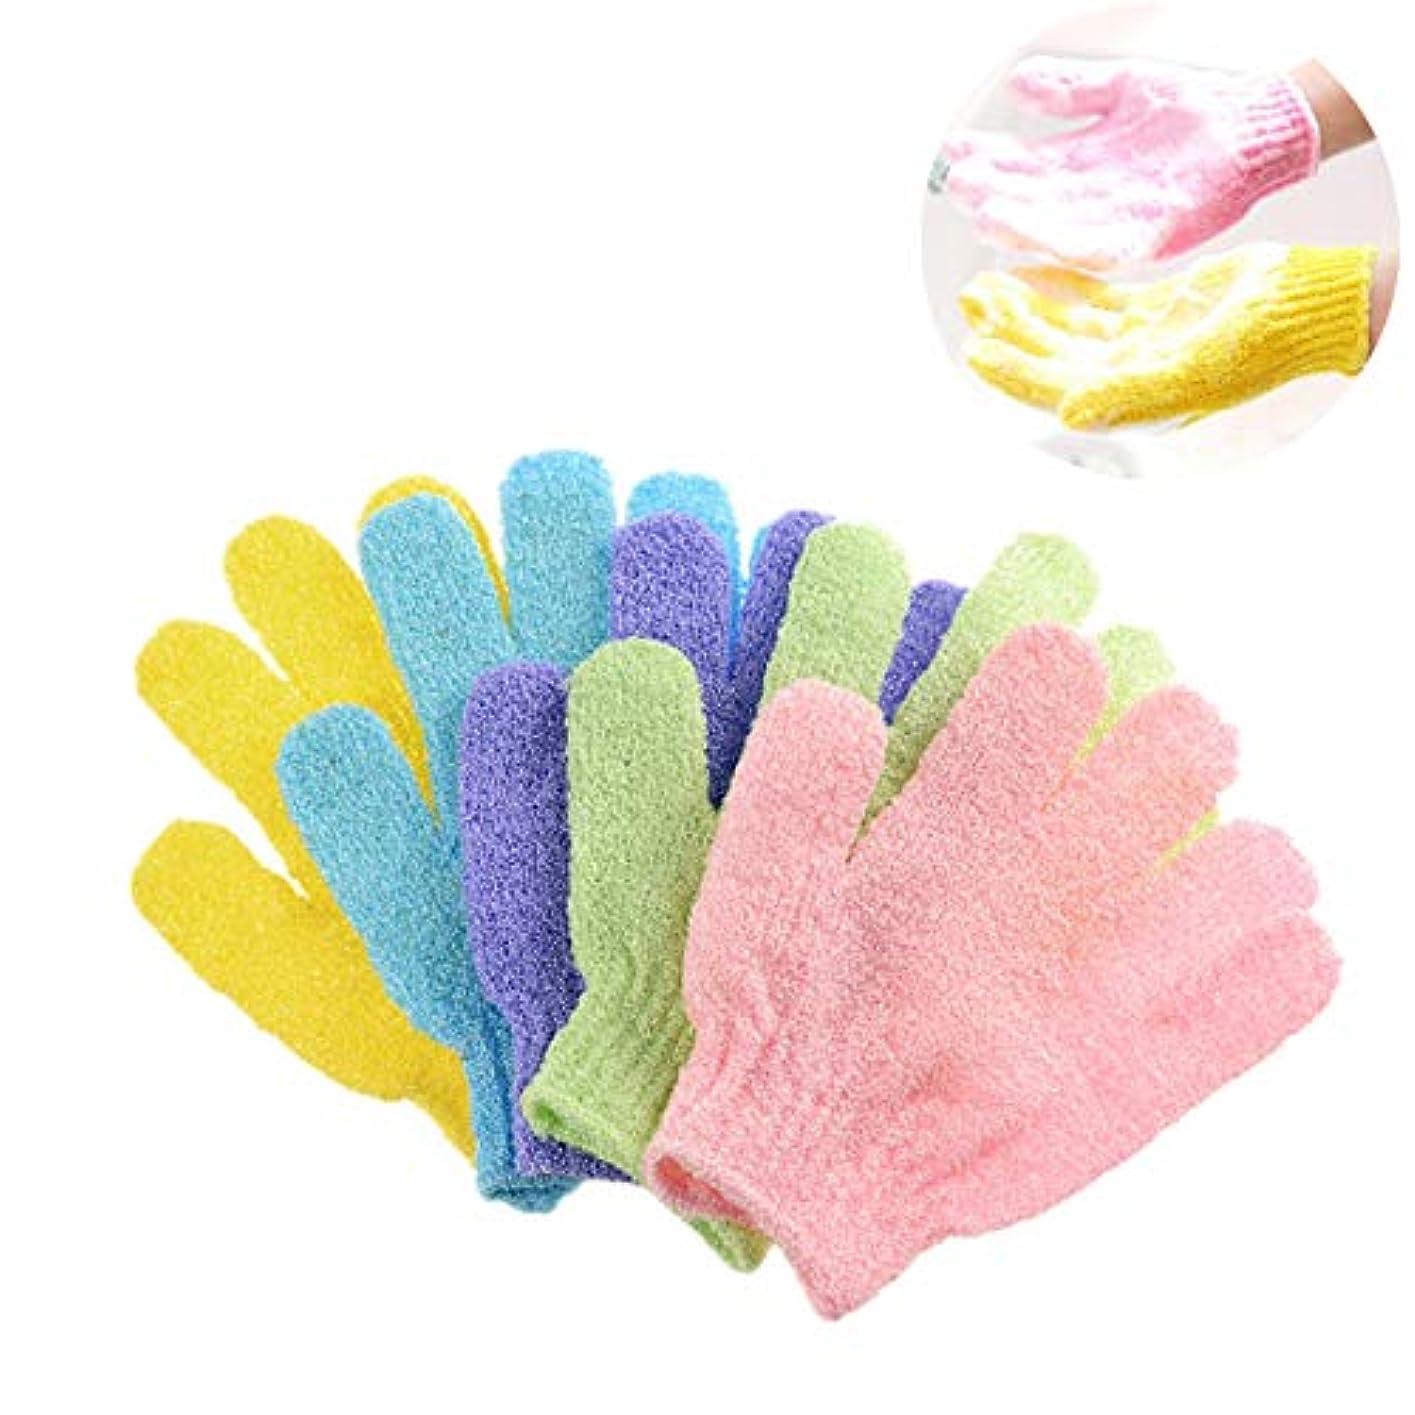 ブルーベル汚れた細分化するKingsie 浴用手袋 10枚セット(5ペア) ボディウォッシュ手袋 お風呂手袋 角質除去 角質取り 泡立ち 垢すり グローブ